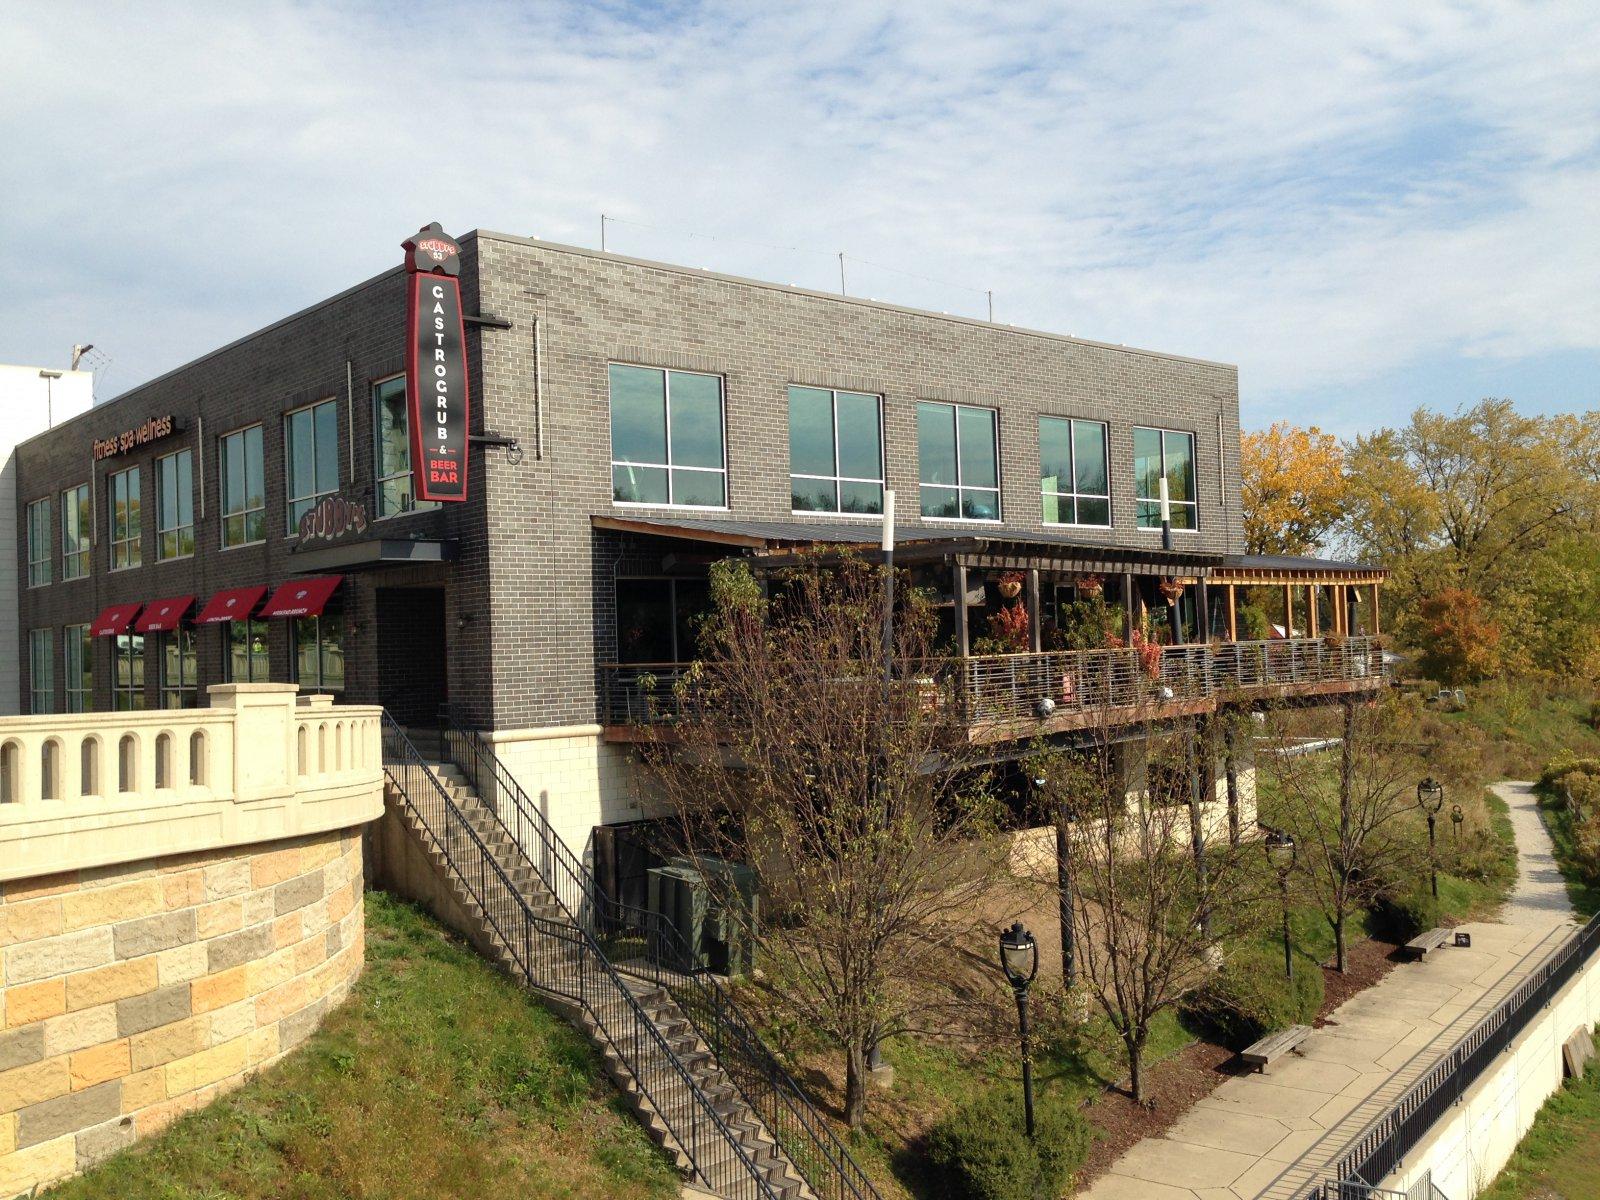 Stubby\'s Gastrogrub & Beer Bar, 2060 N. Humboldt Ave.